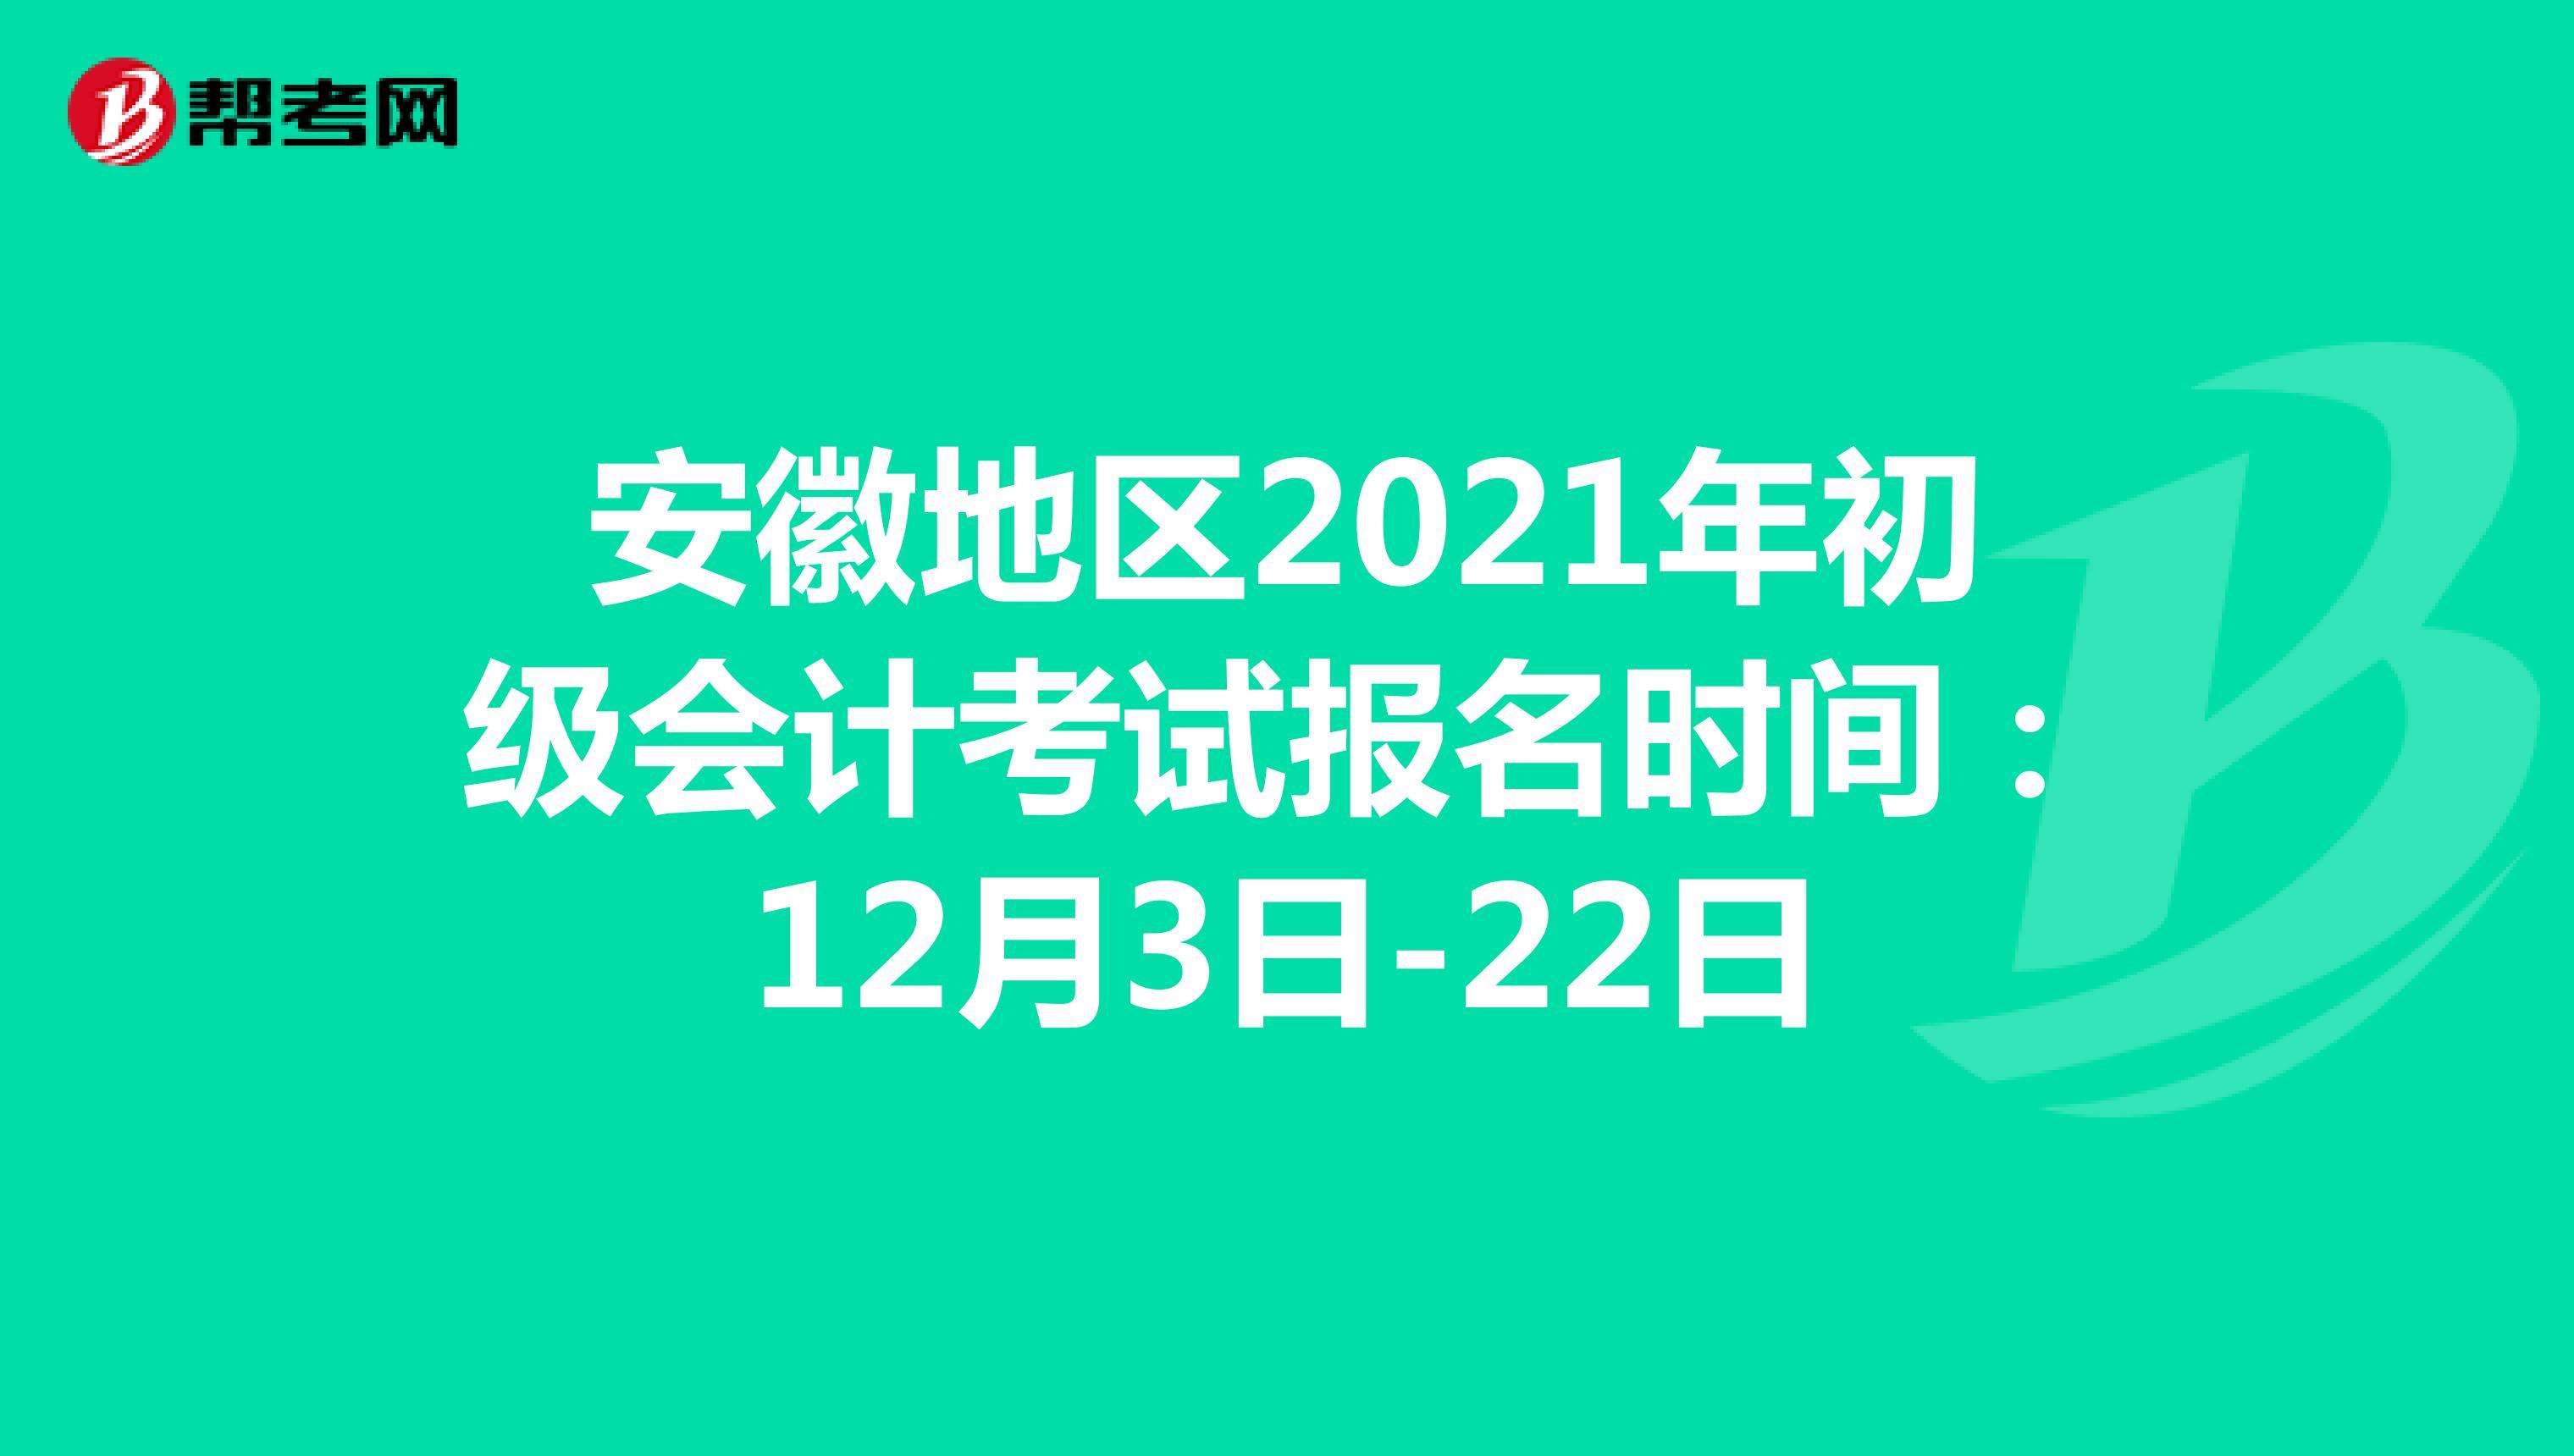 安徽地区2021年初级会计考试报名时间:12月3日-22日